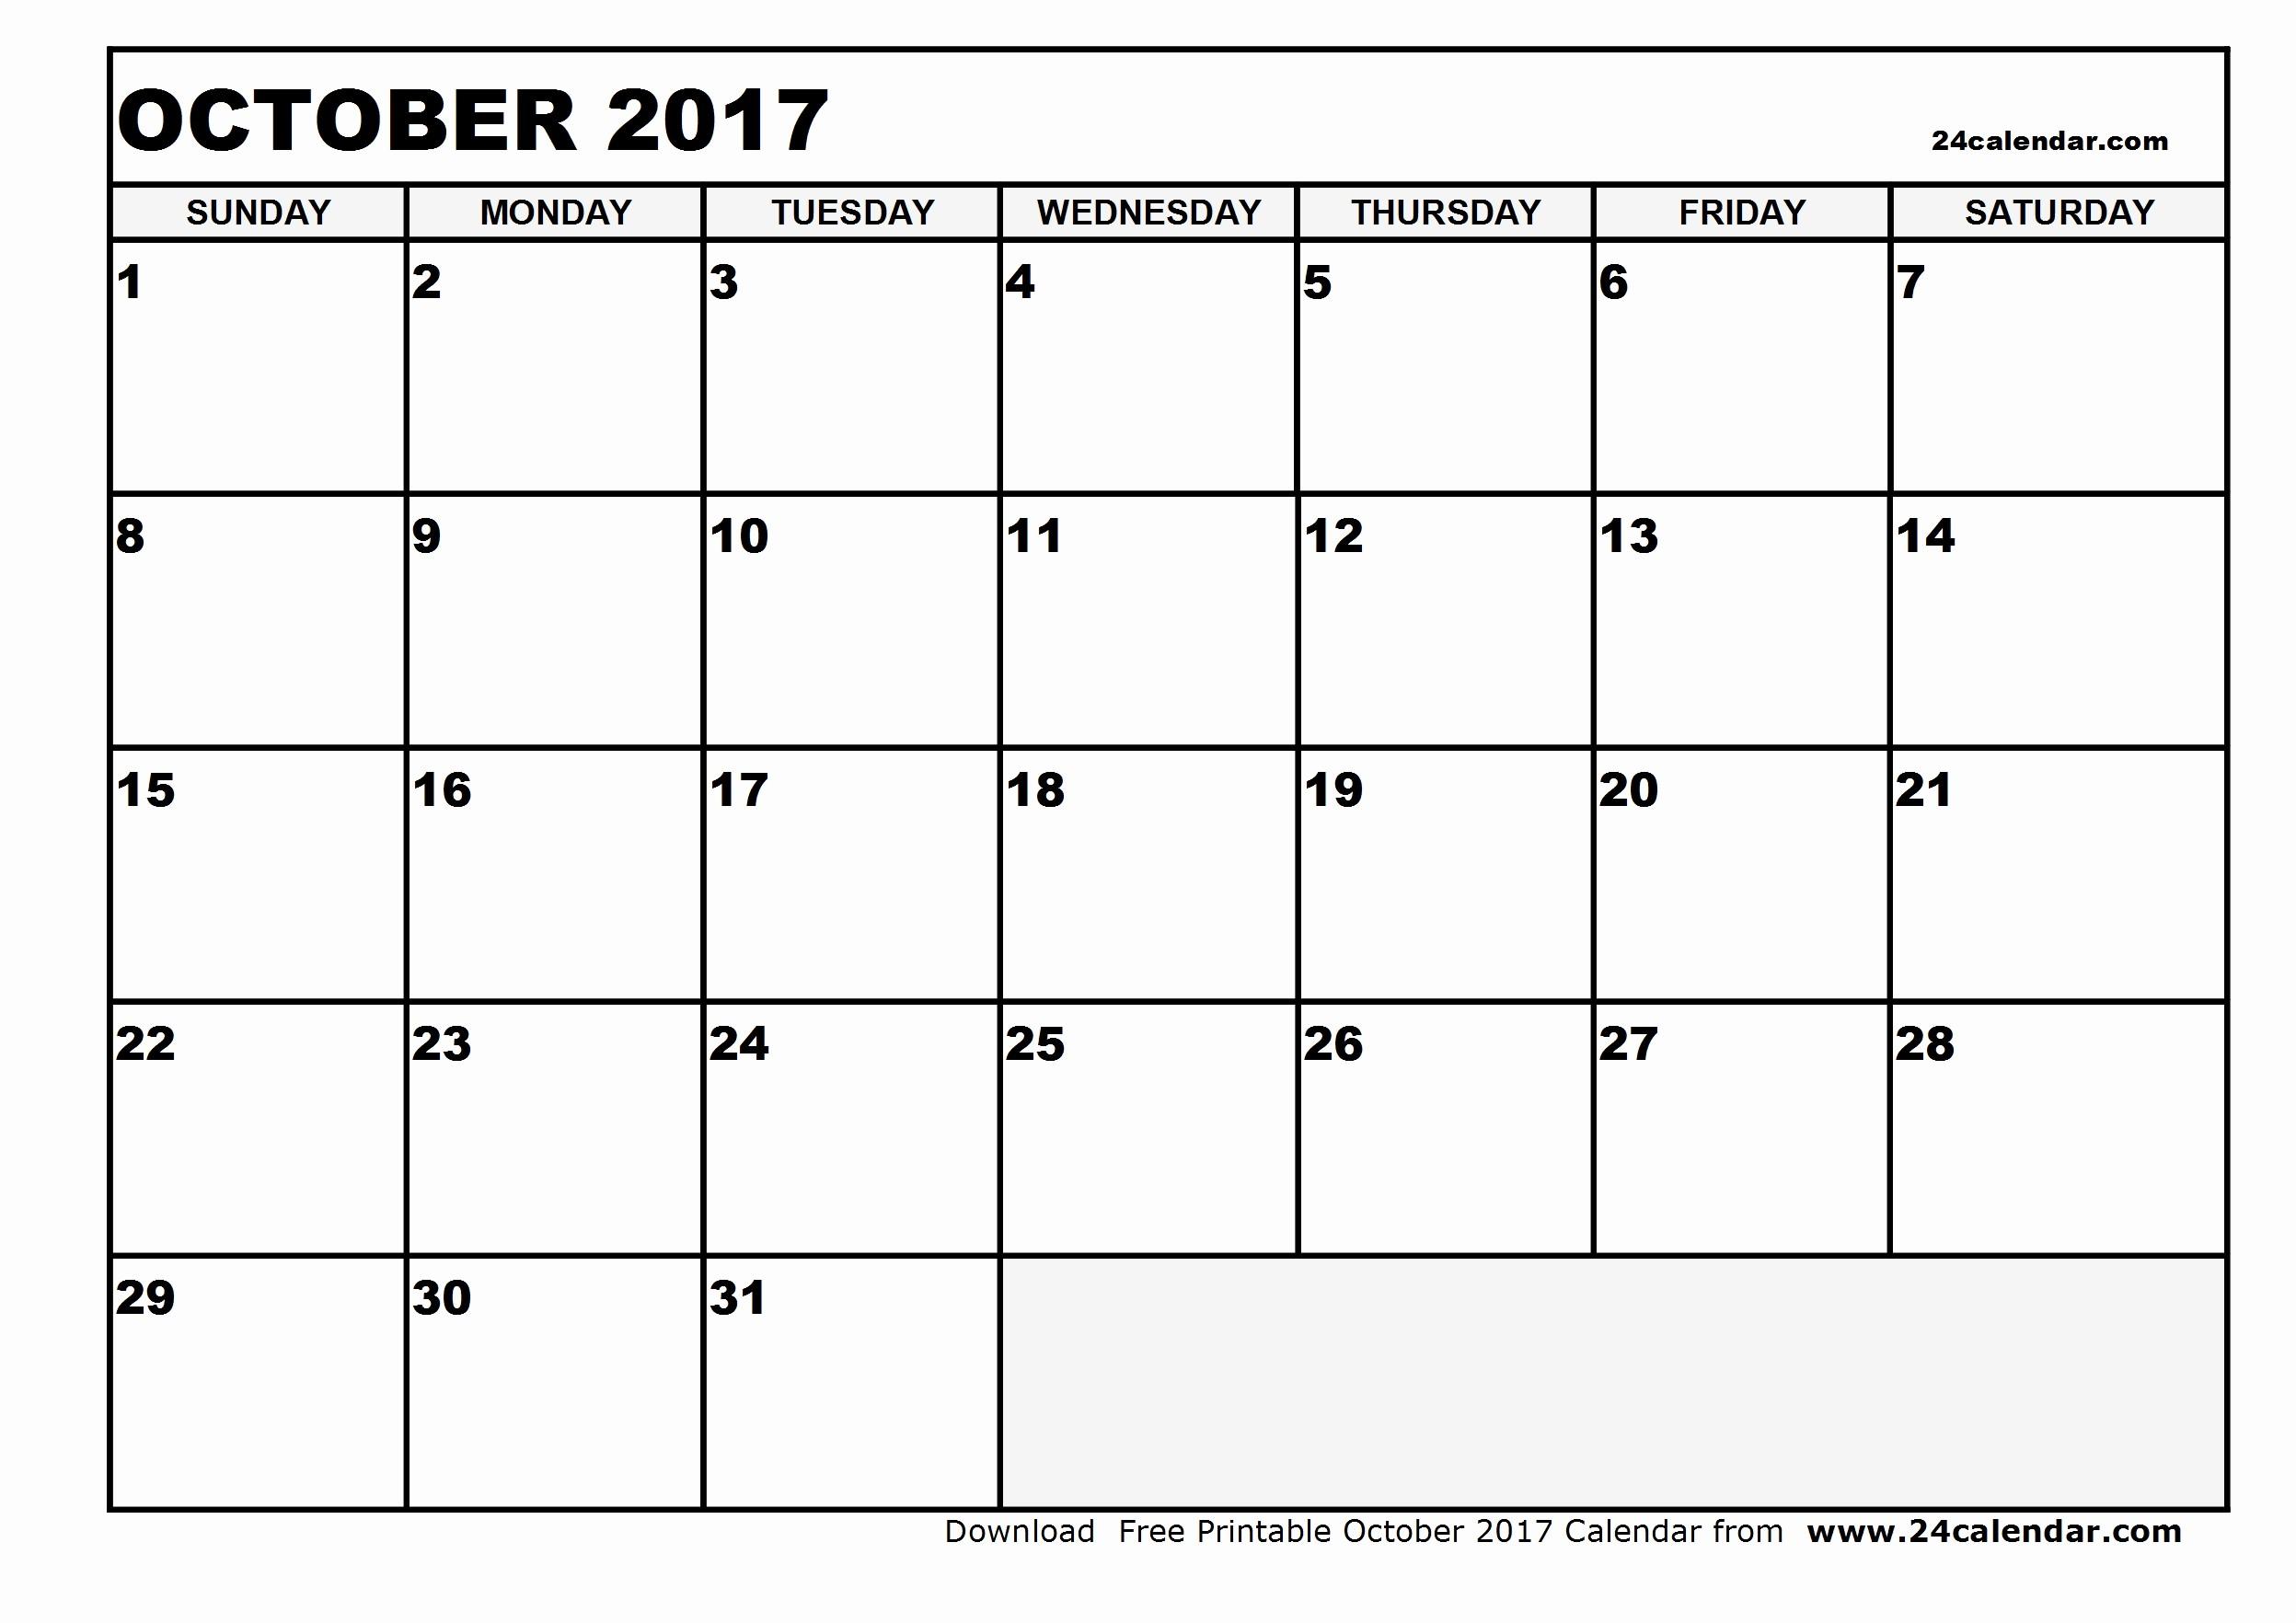 Free Blank Printable Calendar 2017 Best Of Blank October 2017 Calendar In Printable format